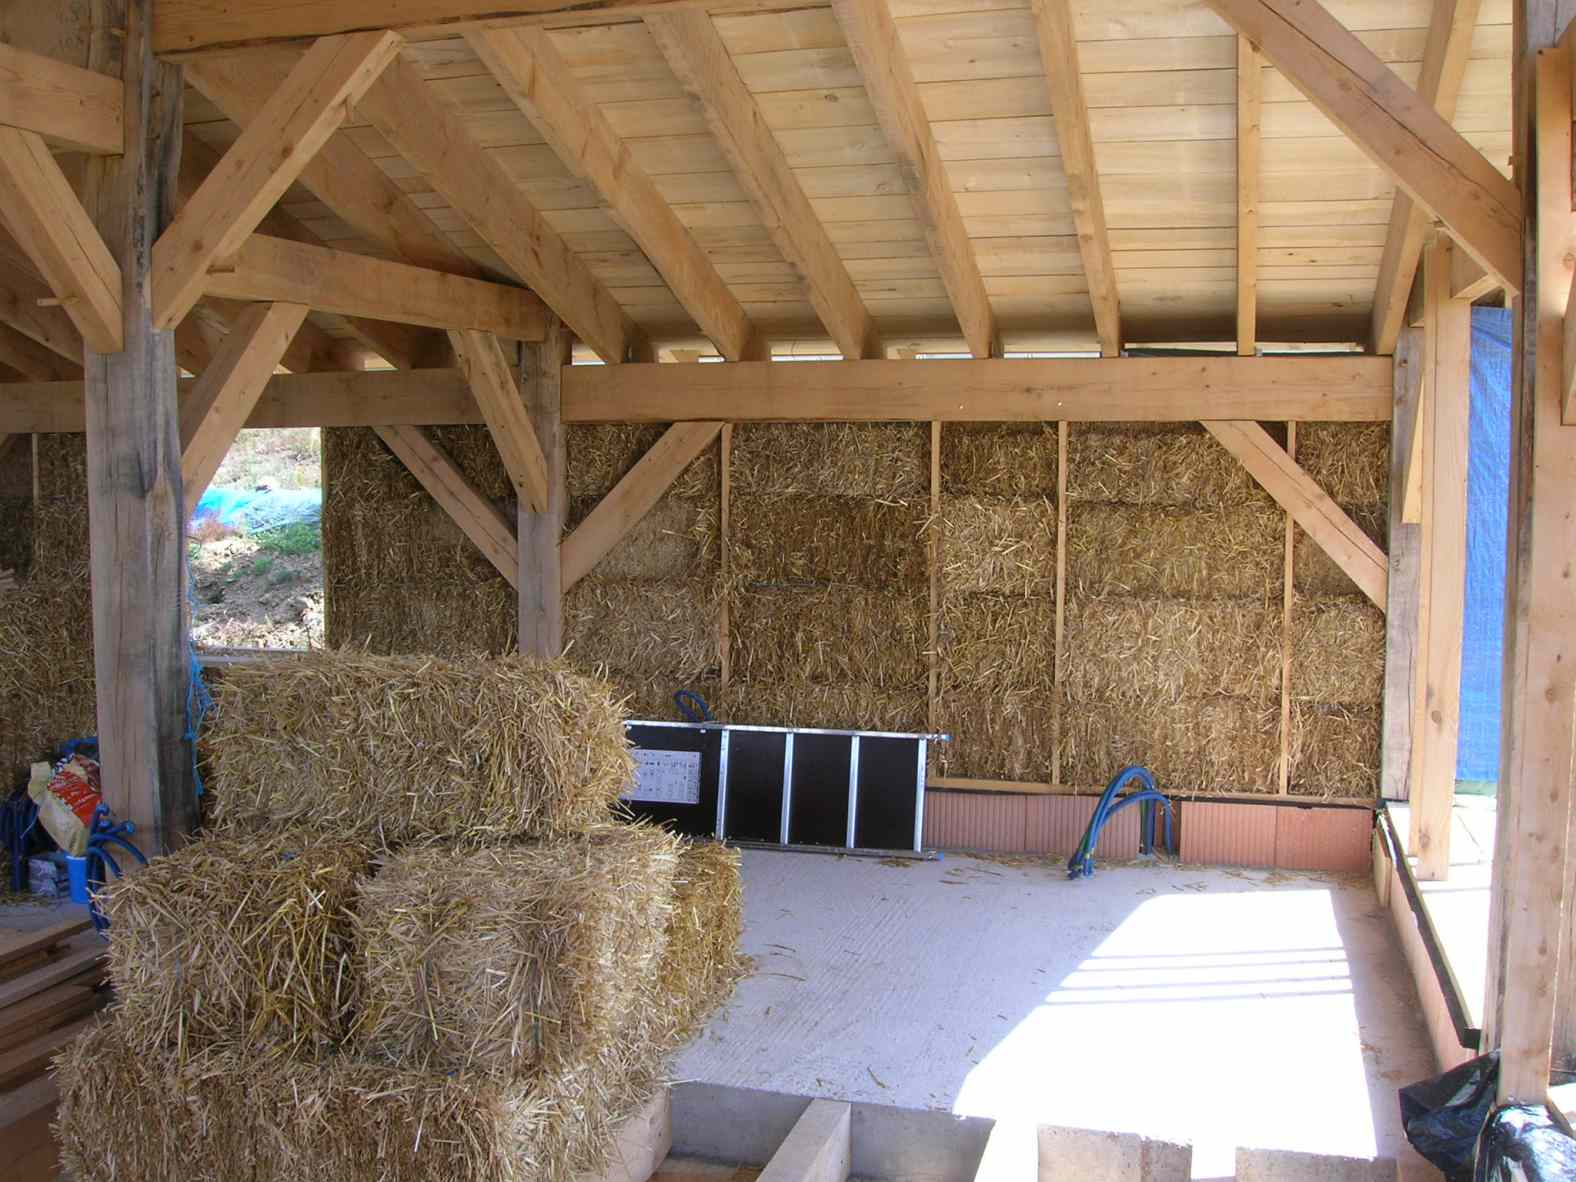 maison en ossature bois et bottes de paille mazeyrat dallier - Maison Paille Ossature Bois